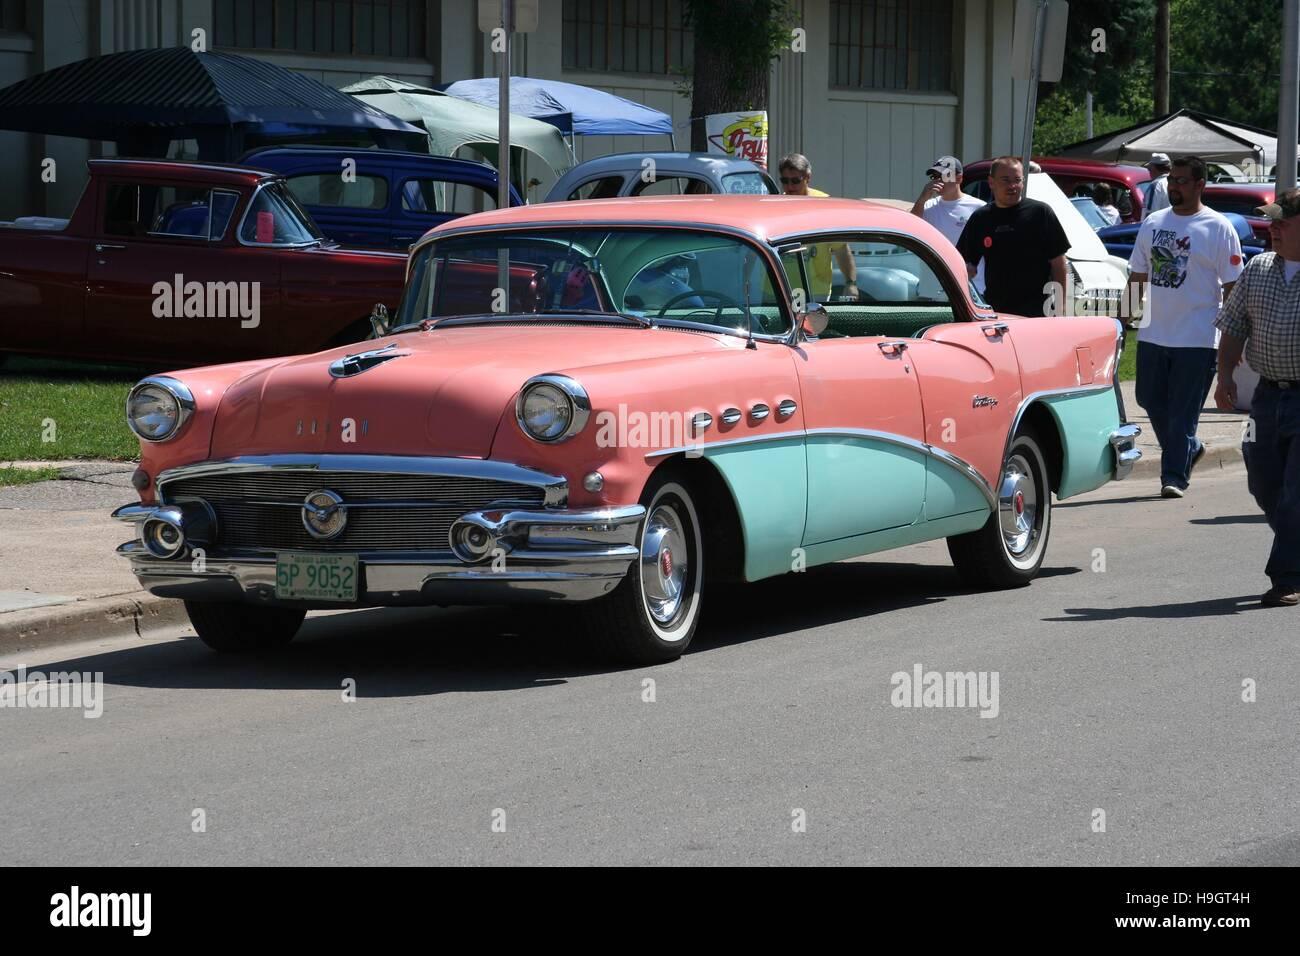 A 1956 Coral Pink And Aqua Green Buick Century Hardtop At